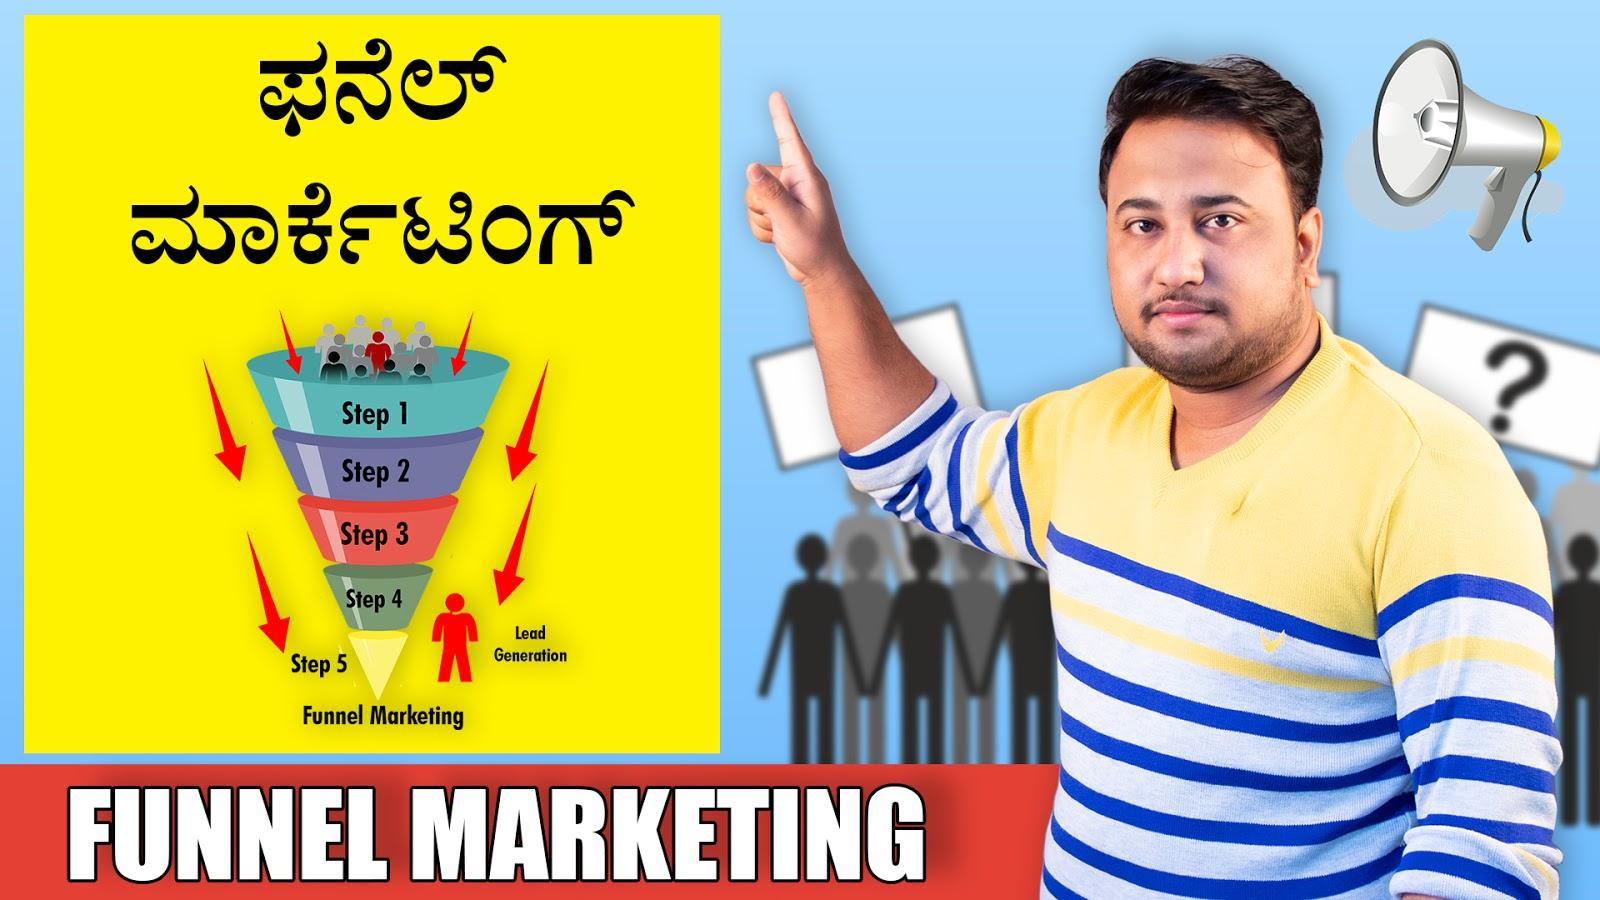 ಫನೆಲ್ ಮಾರ್ಕೆಟಿಂಗ್ - Funnel Marketing in Kannada